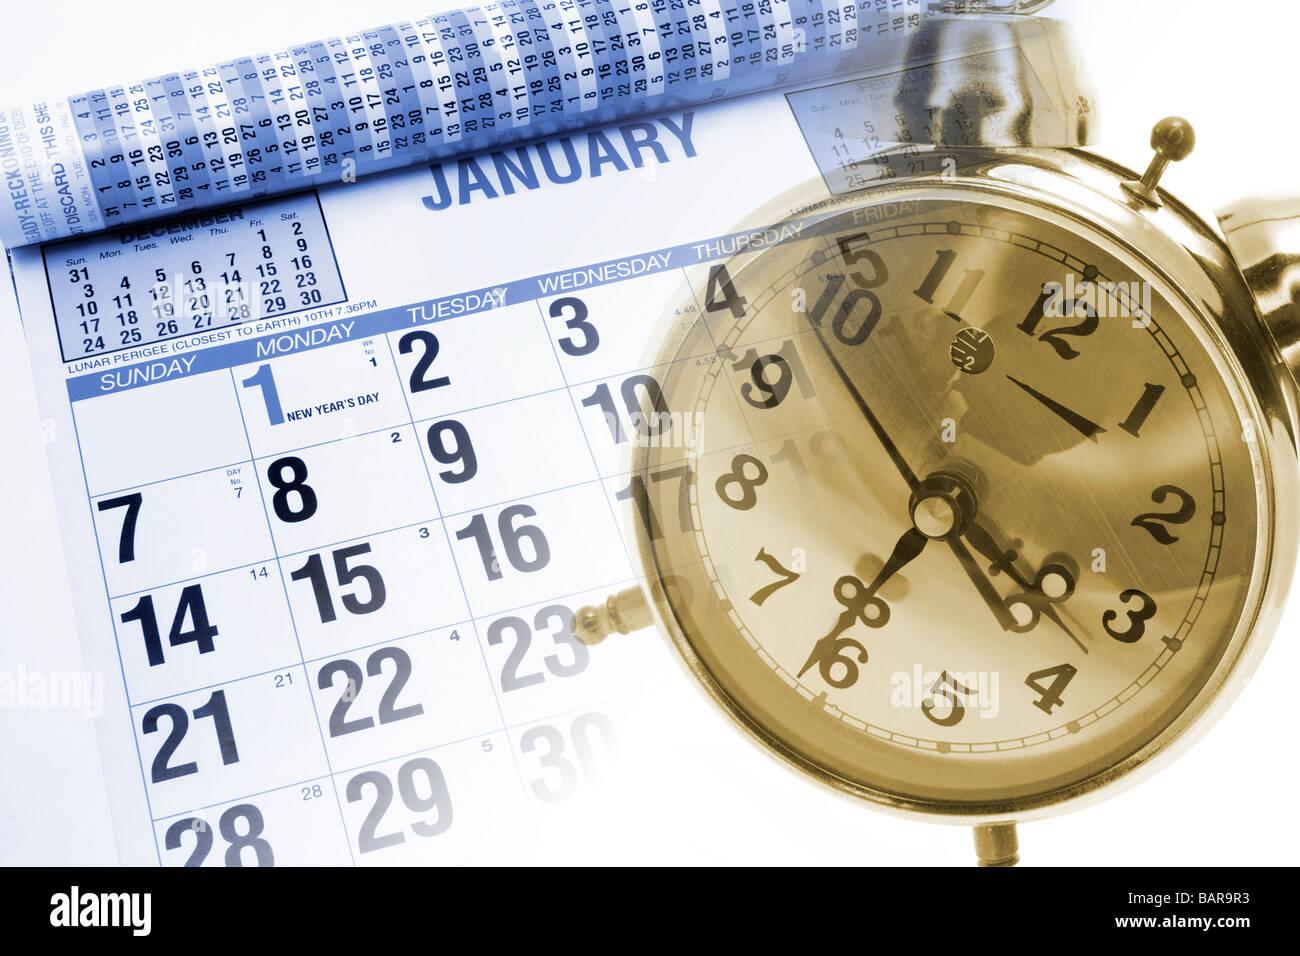 Calendar and Alarm Clock - Stock Image